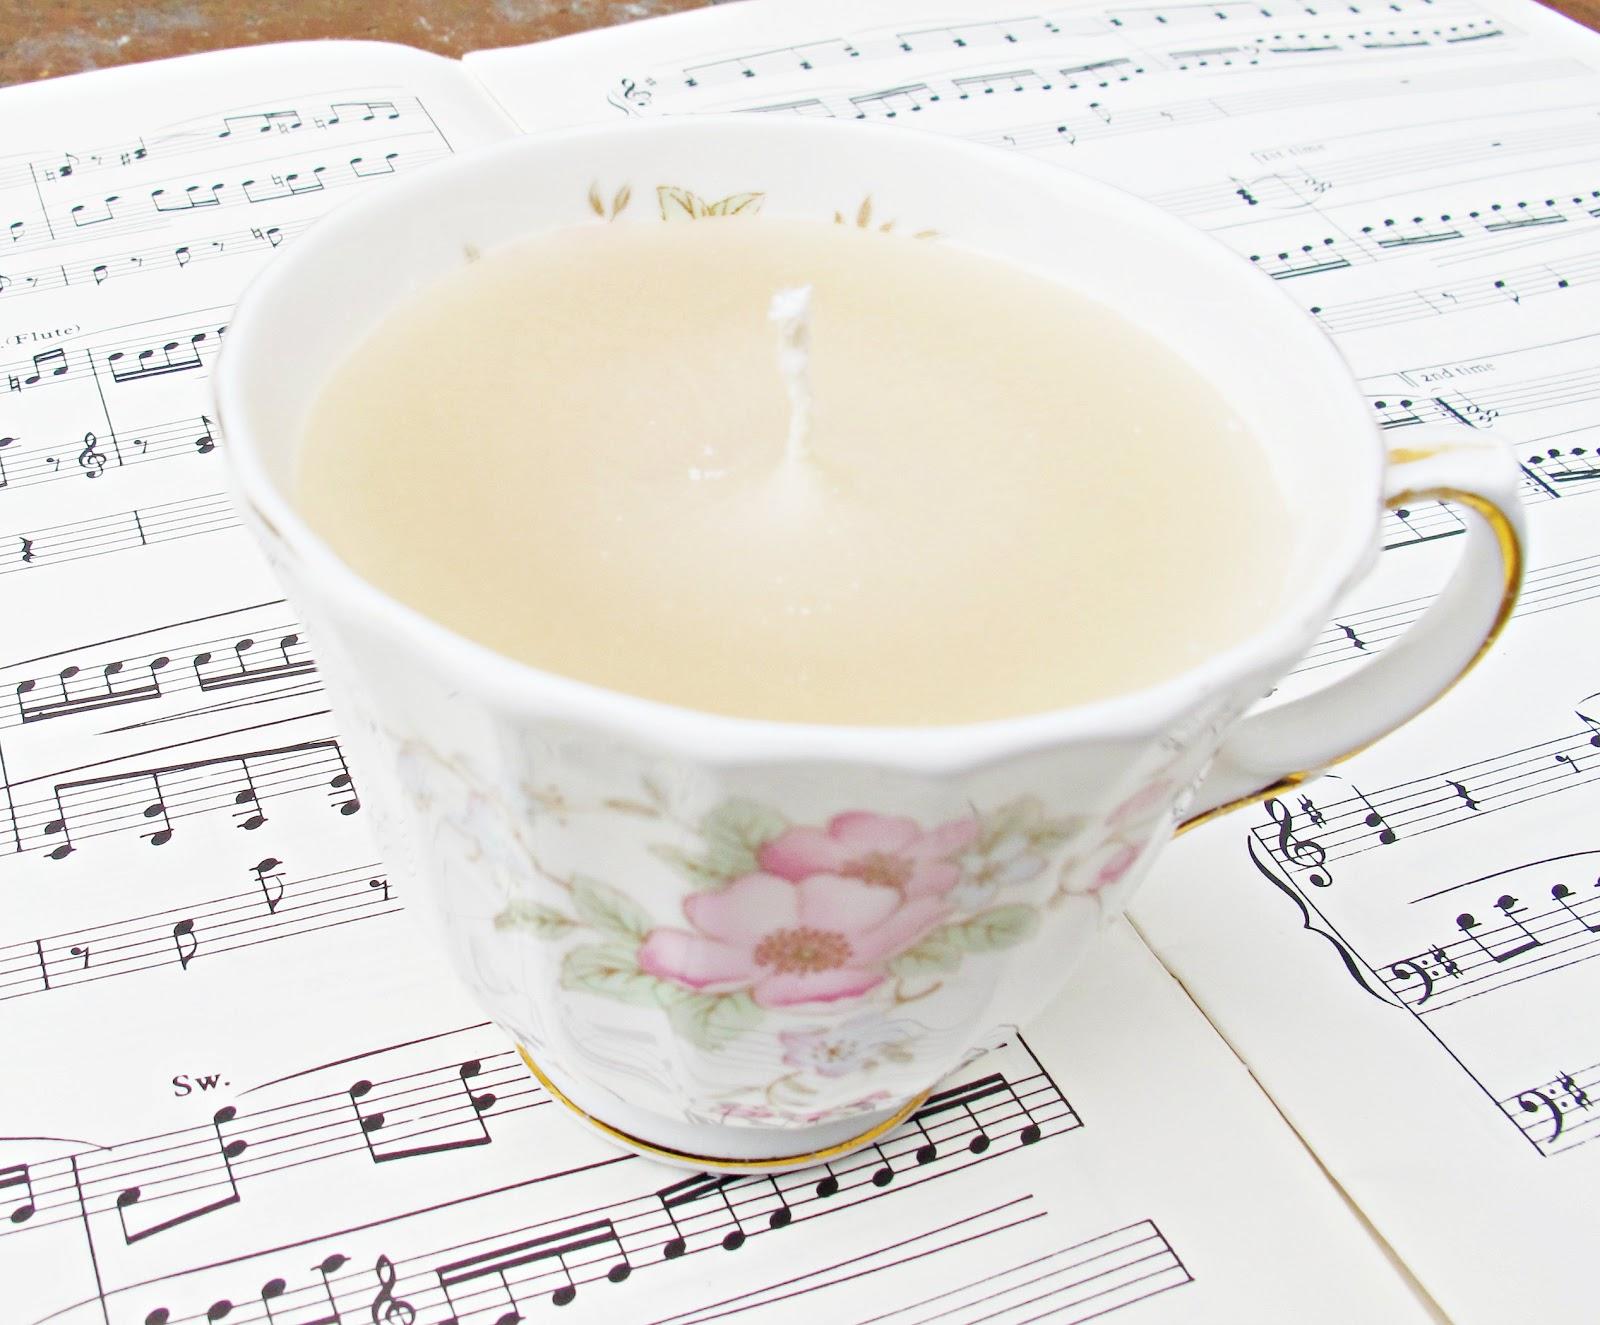 image teacup candle vintage loretta domum vindemia pink flowers